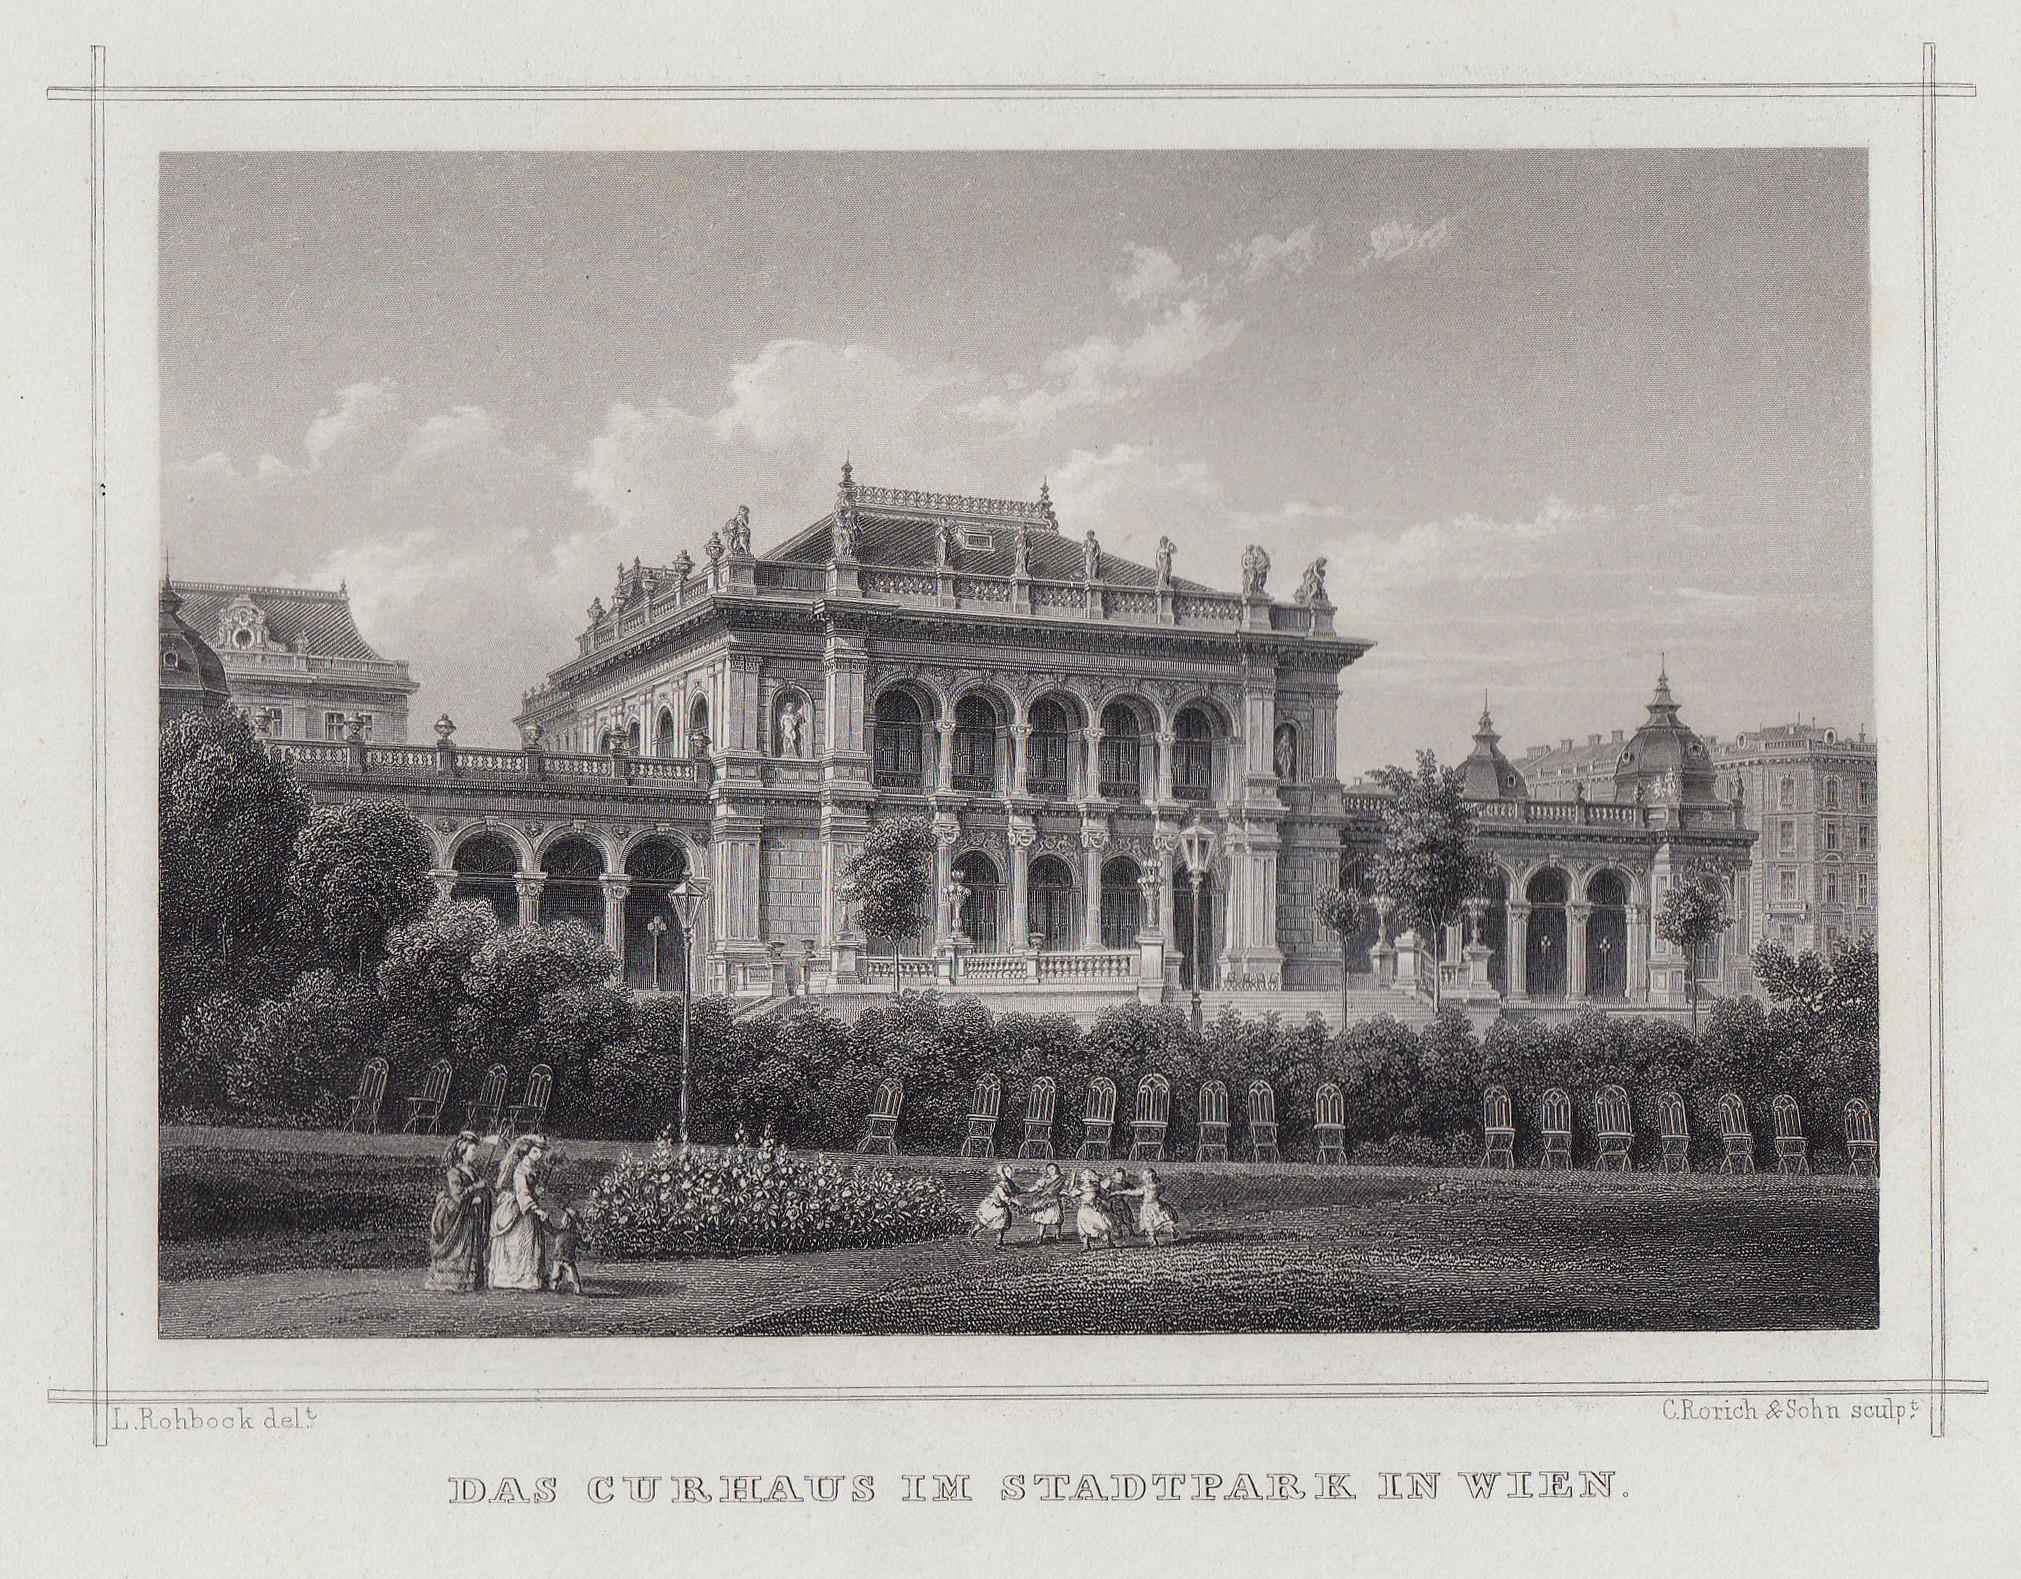 TA., Kurhaus im Stadtpark.: Wien ( Vienna